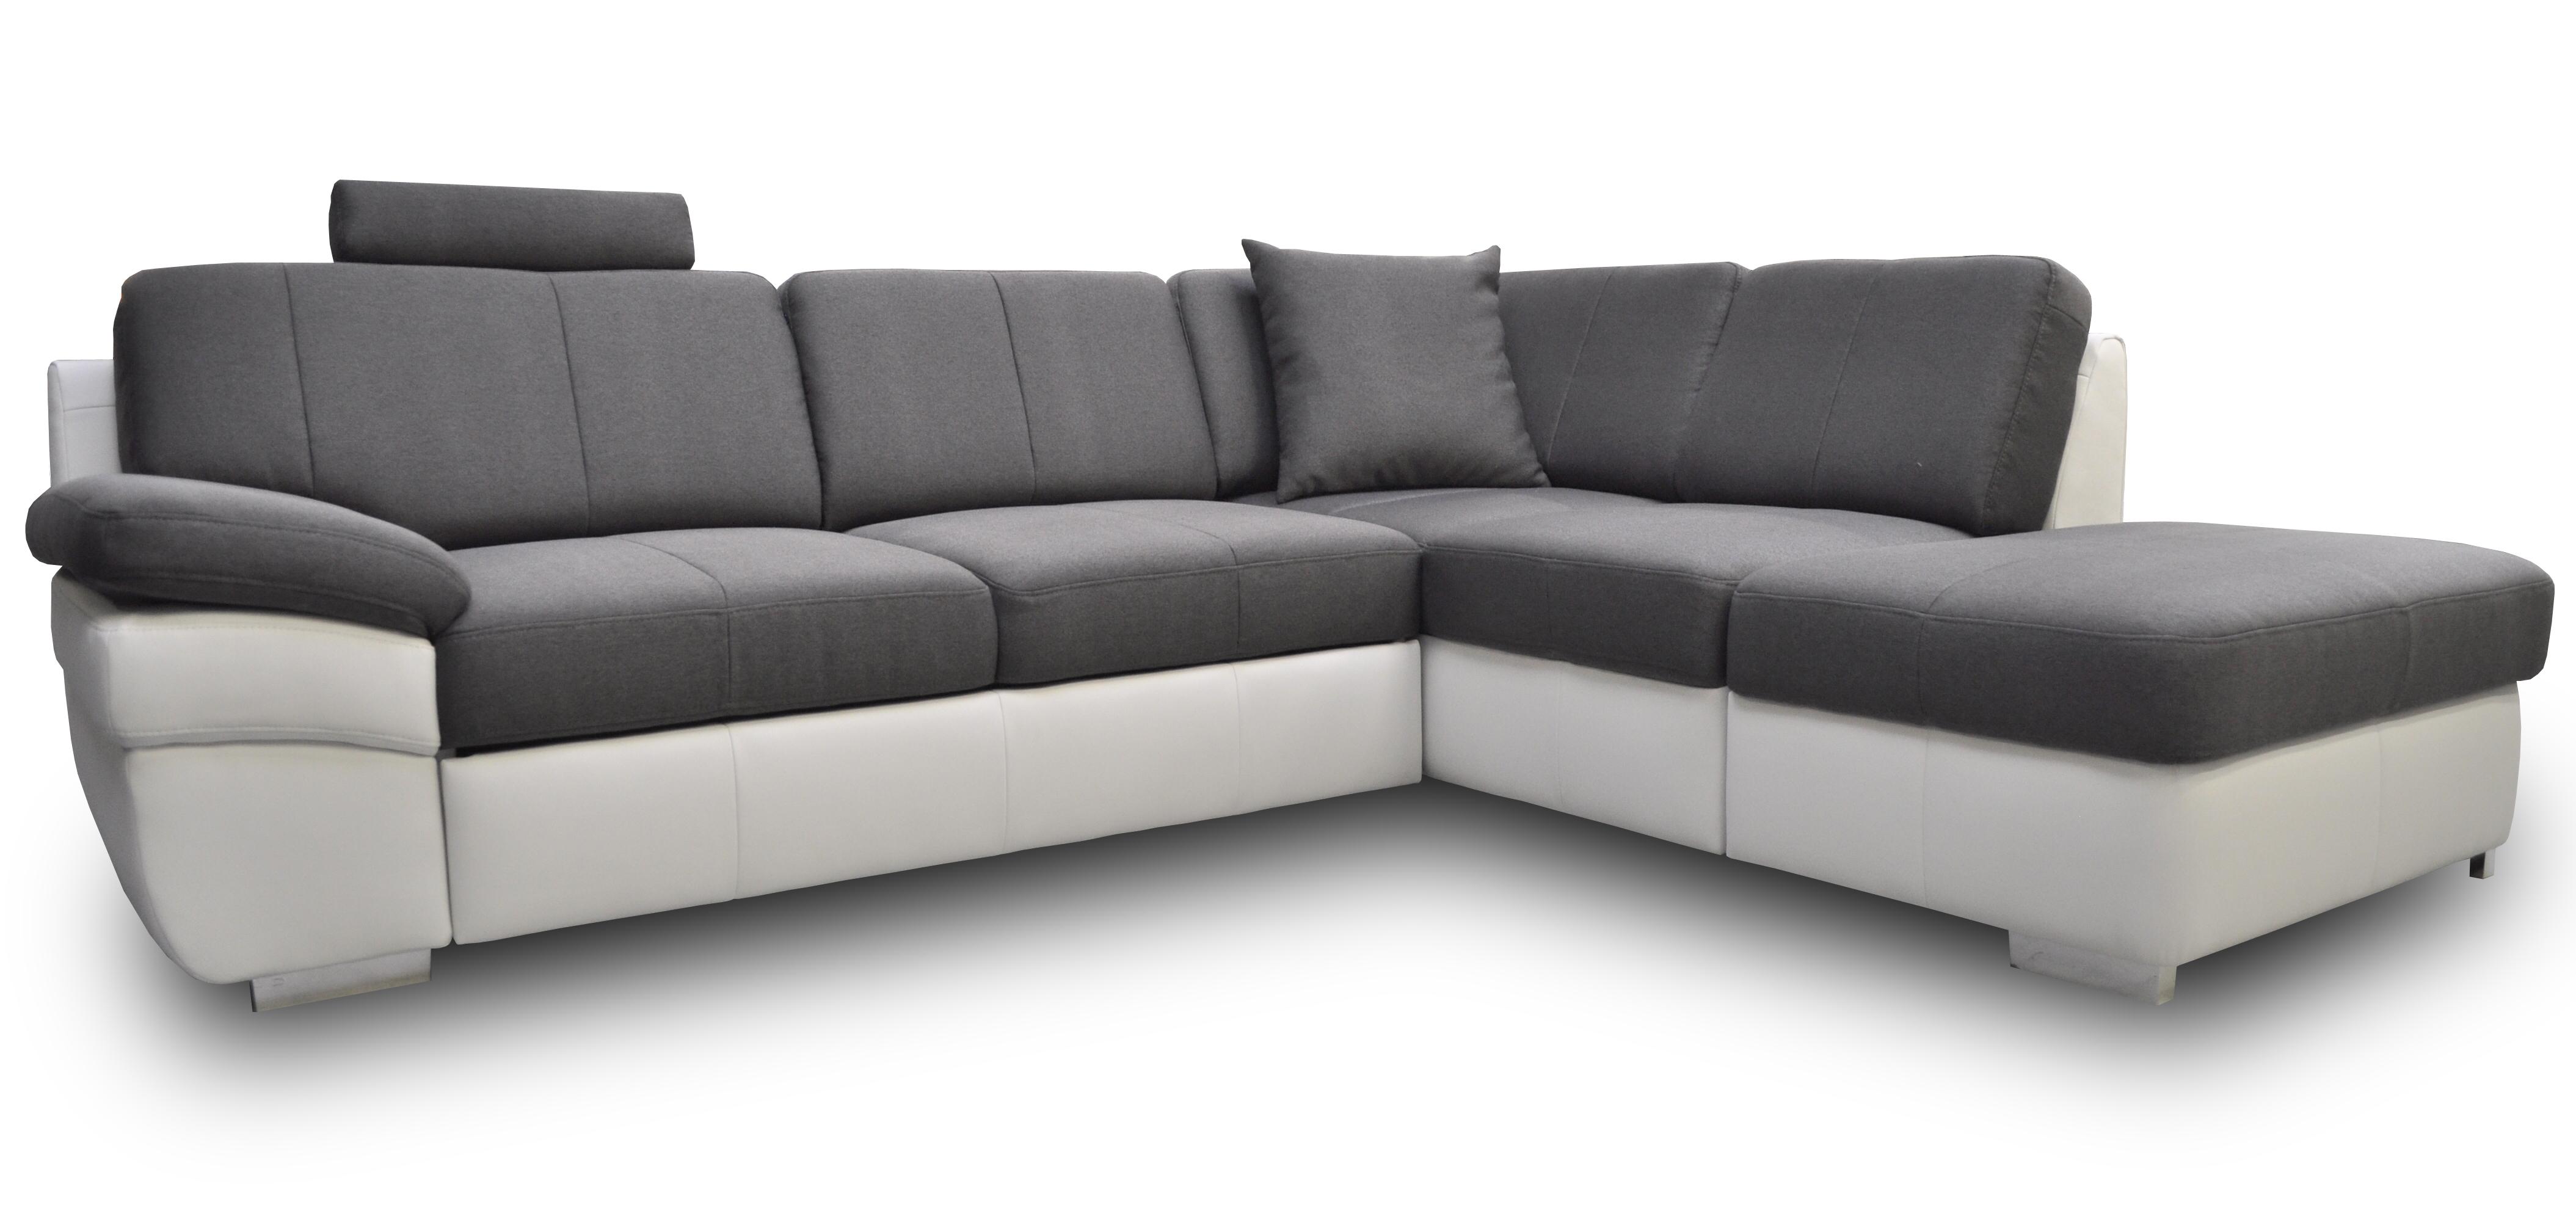 Rohová sedací souprava - BRW - Mon 1 (šedá + bílá) (L)